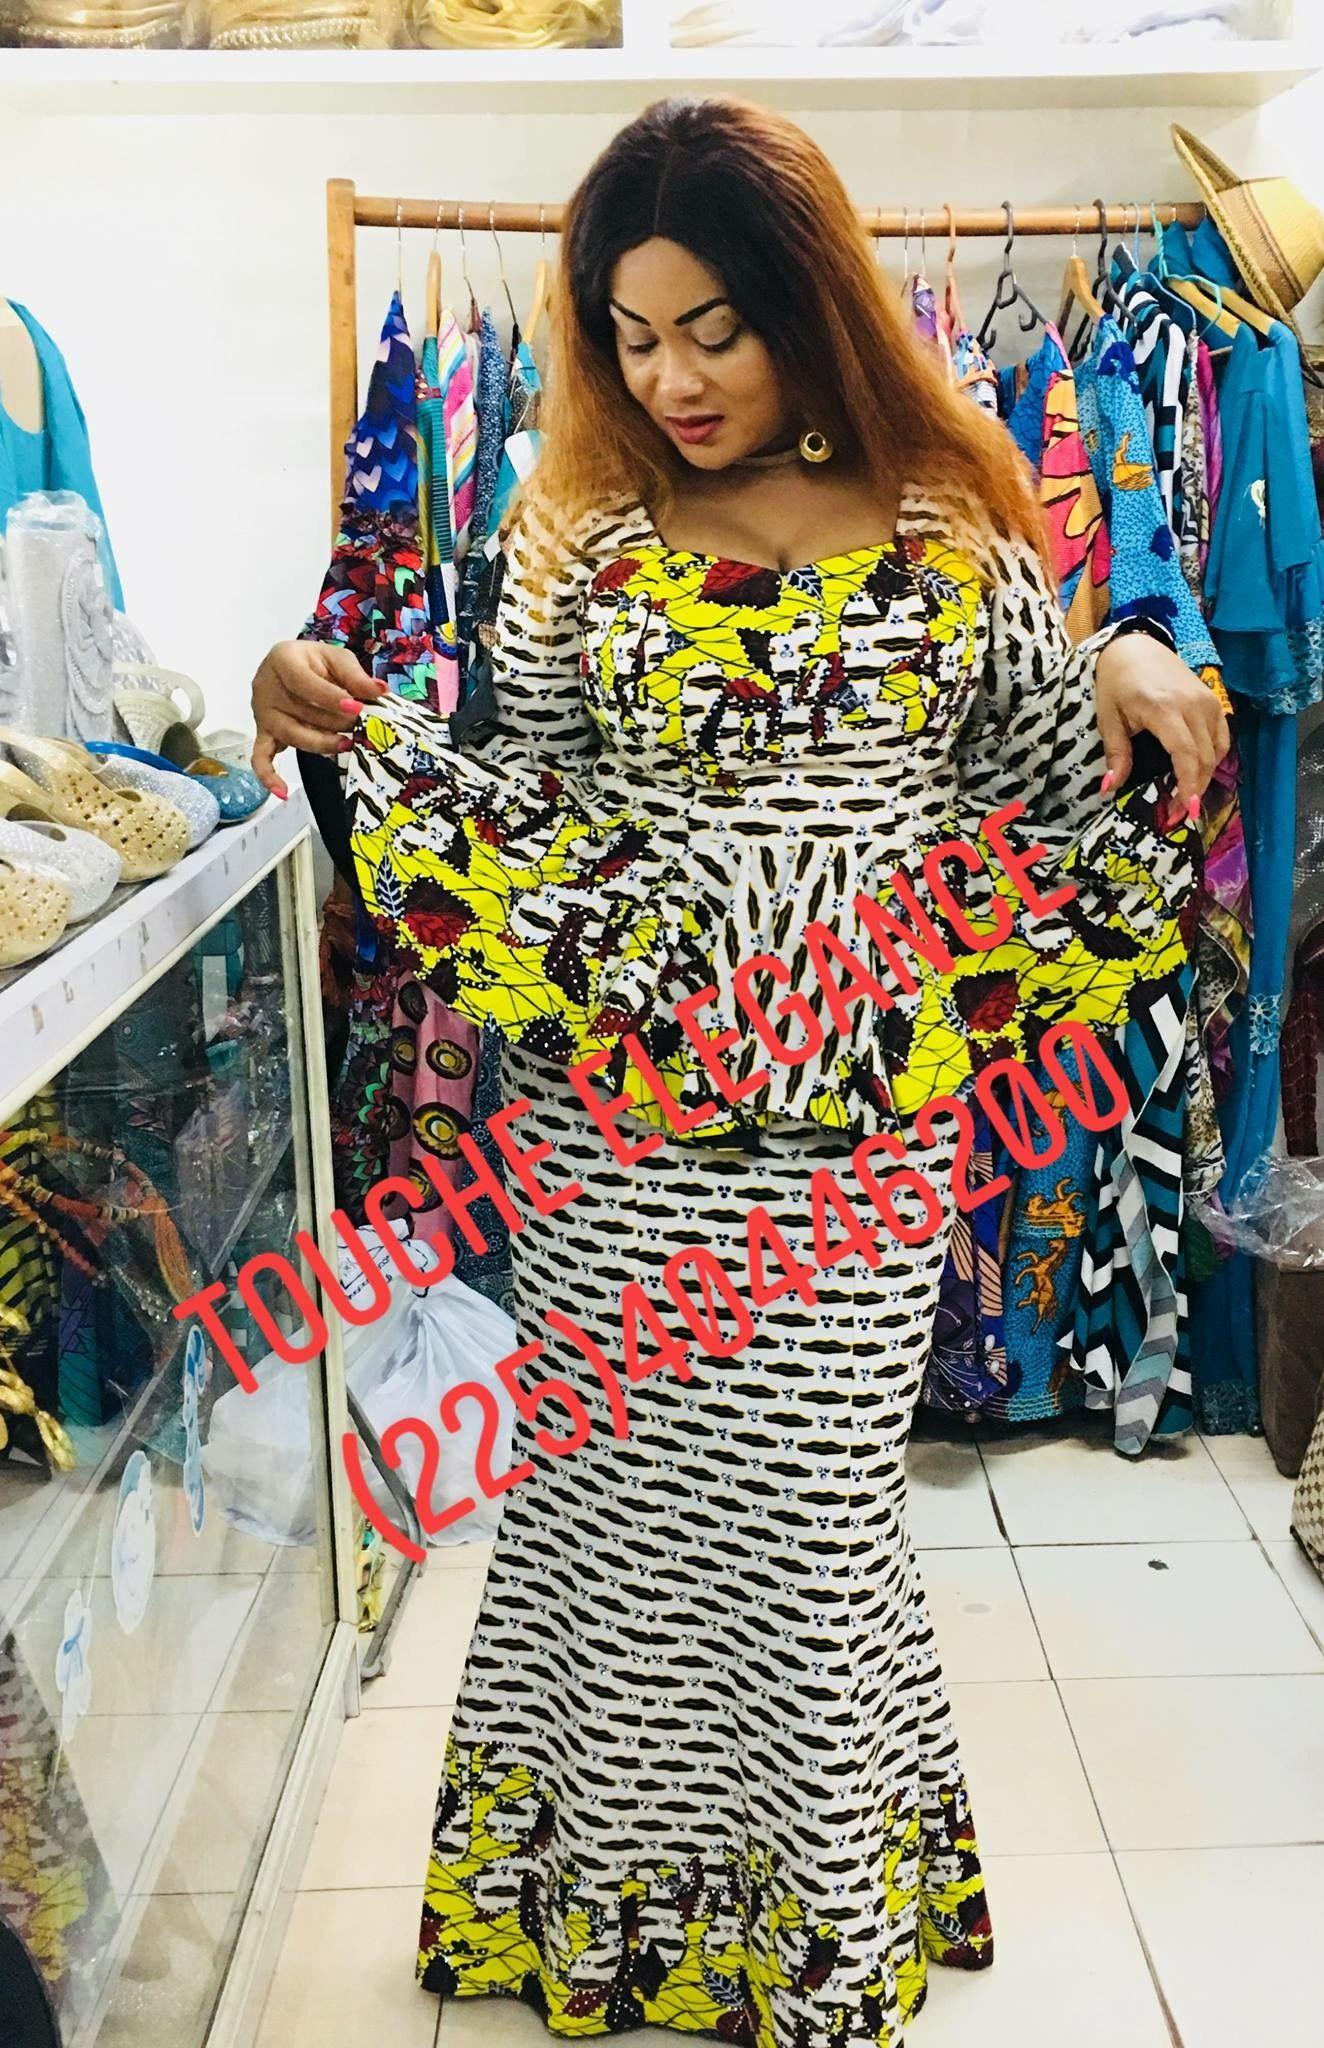 Épinglé par DIARRA THIAW sur MODE AFRIQUE   Mode africaine robe, Mode africaine, Tenue africaine